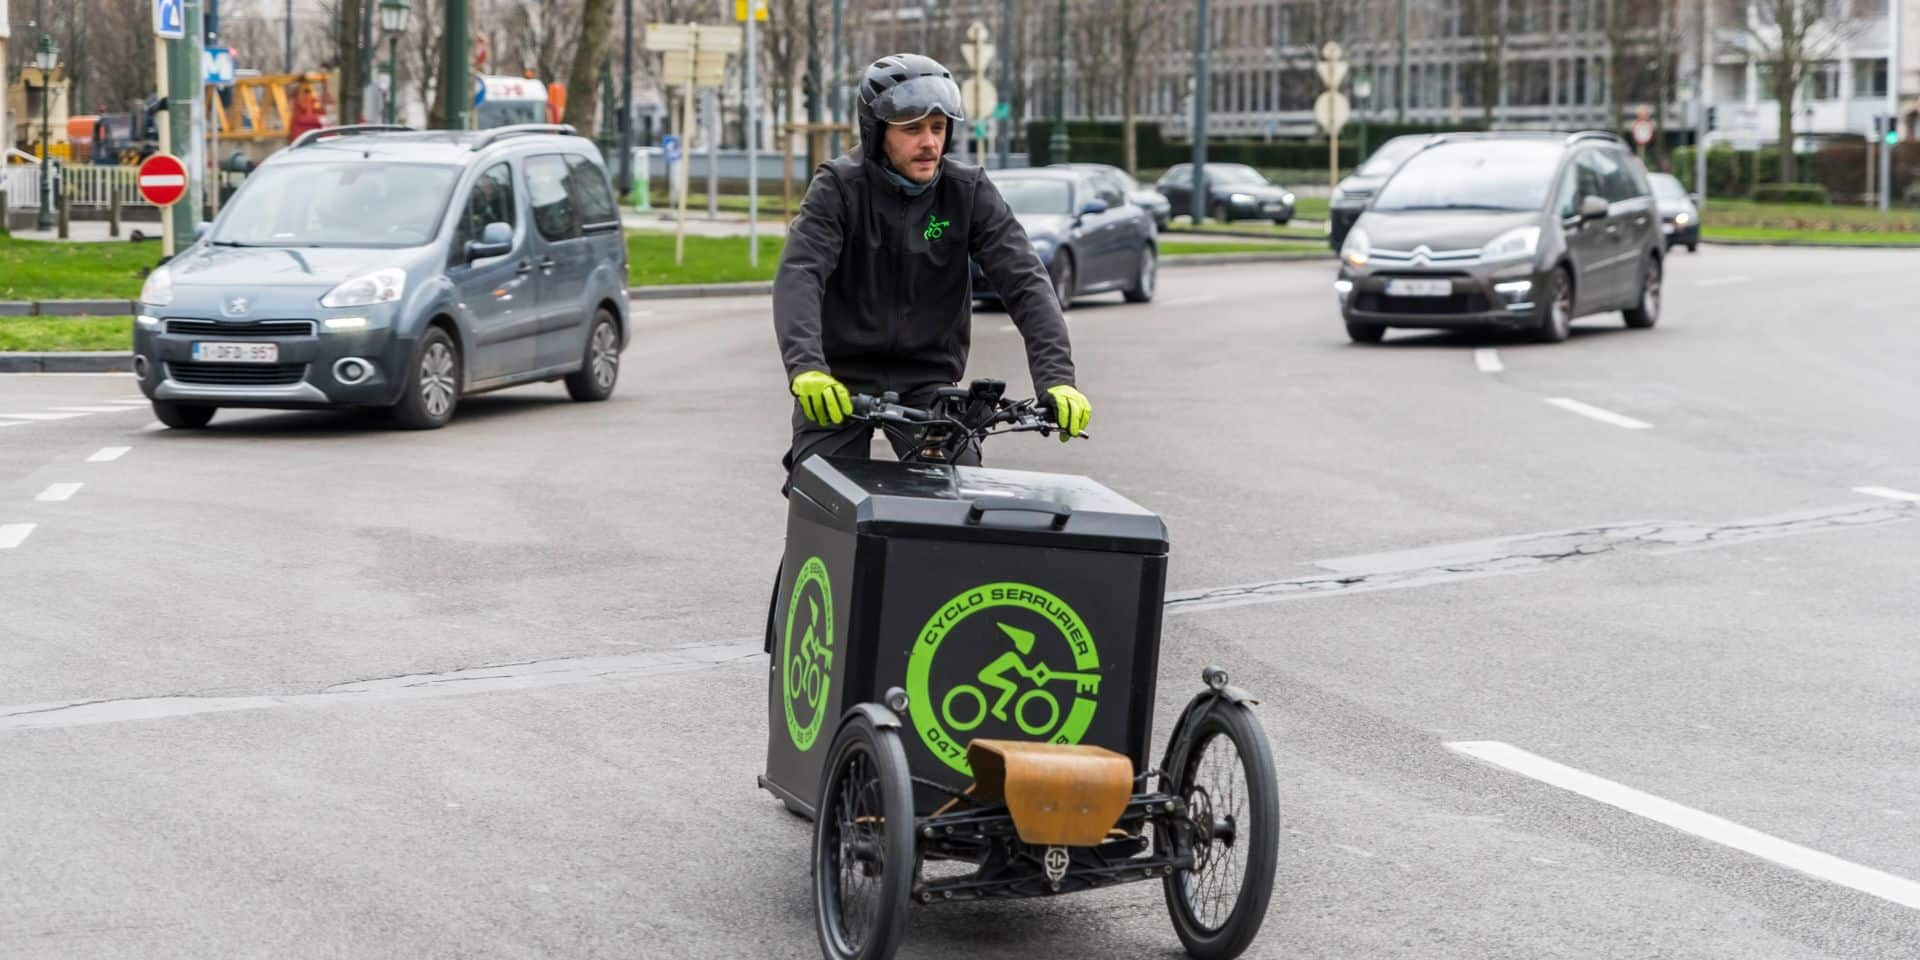 """Kevin a lancé son service de serrurerie à vélo-cargo : """"Moins de stress pour me rendre chez mes clients"""""""